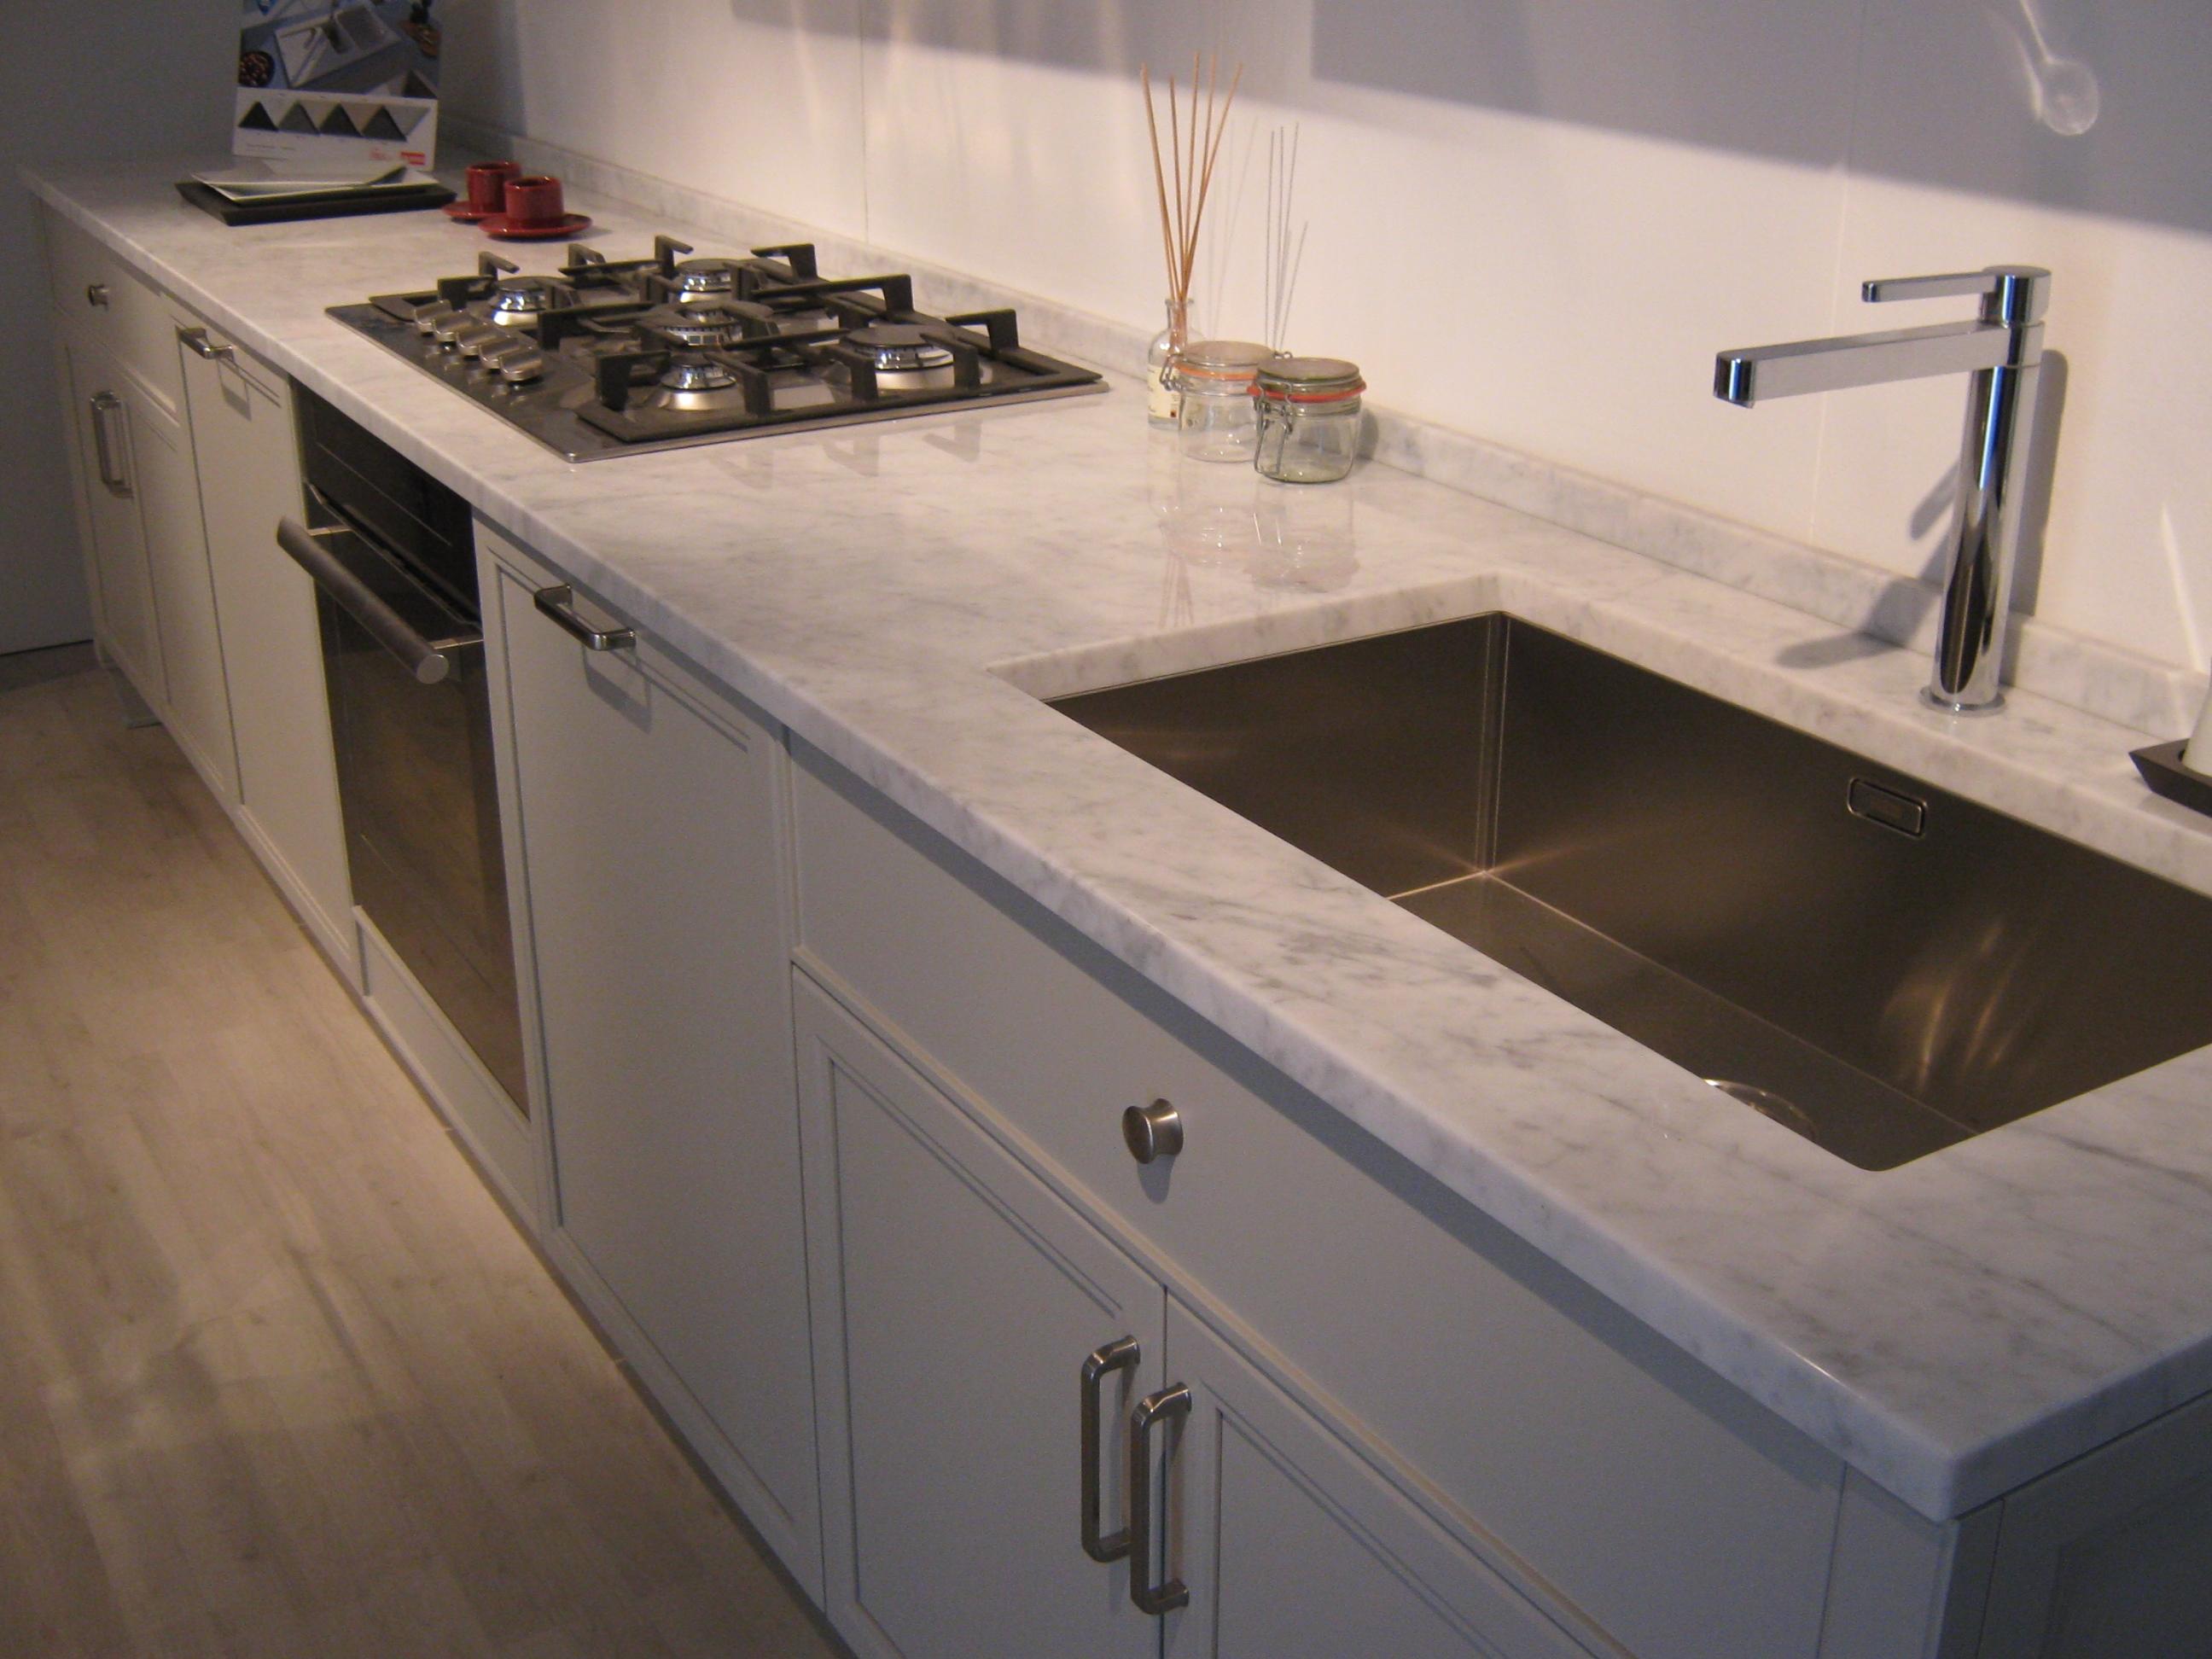 Cucina aster in promozione cucine a prezzi scontati - Lavello cucina sottotop ...